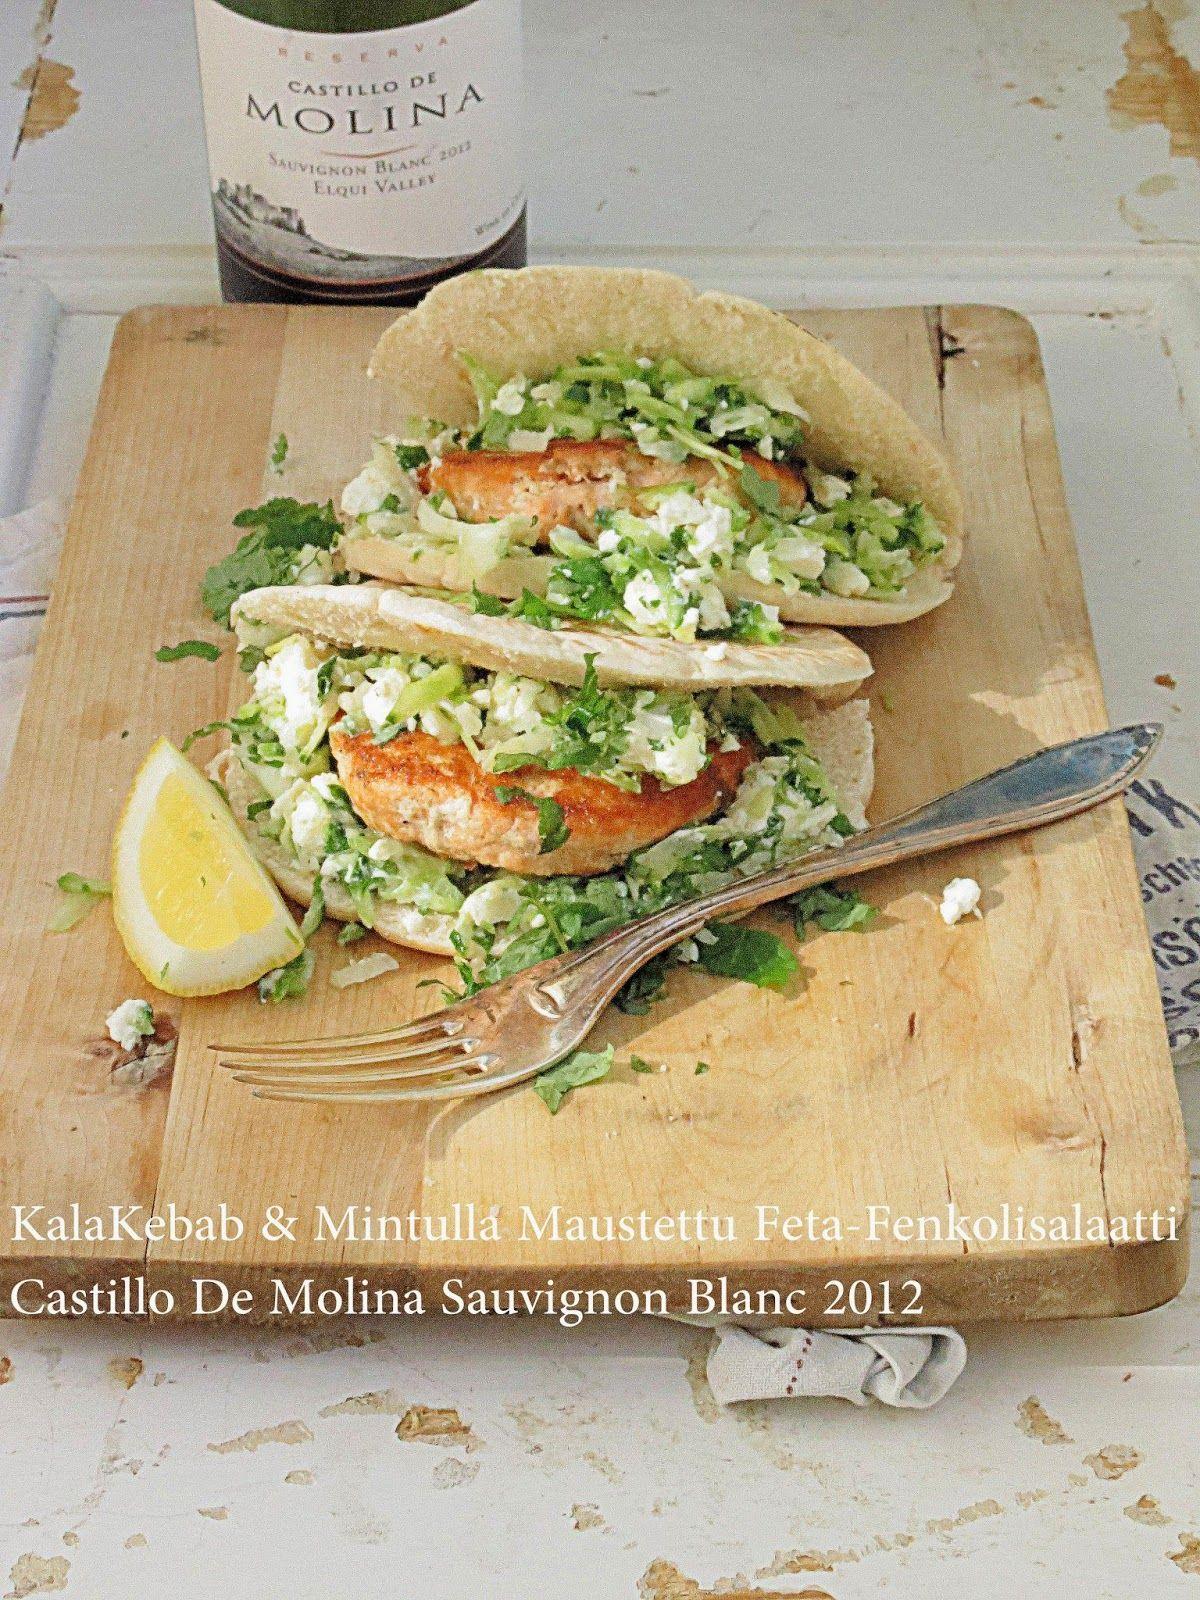 Onko nälkä?: Kalakebabit & Castillo De Molina Reserva Sauvignon Blanc